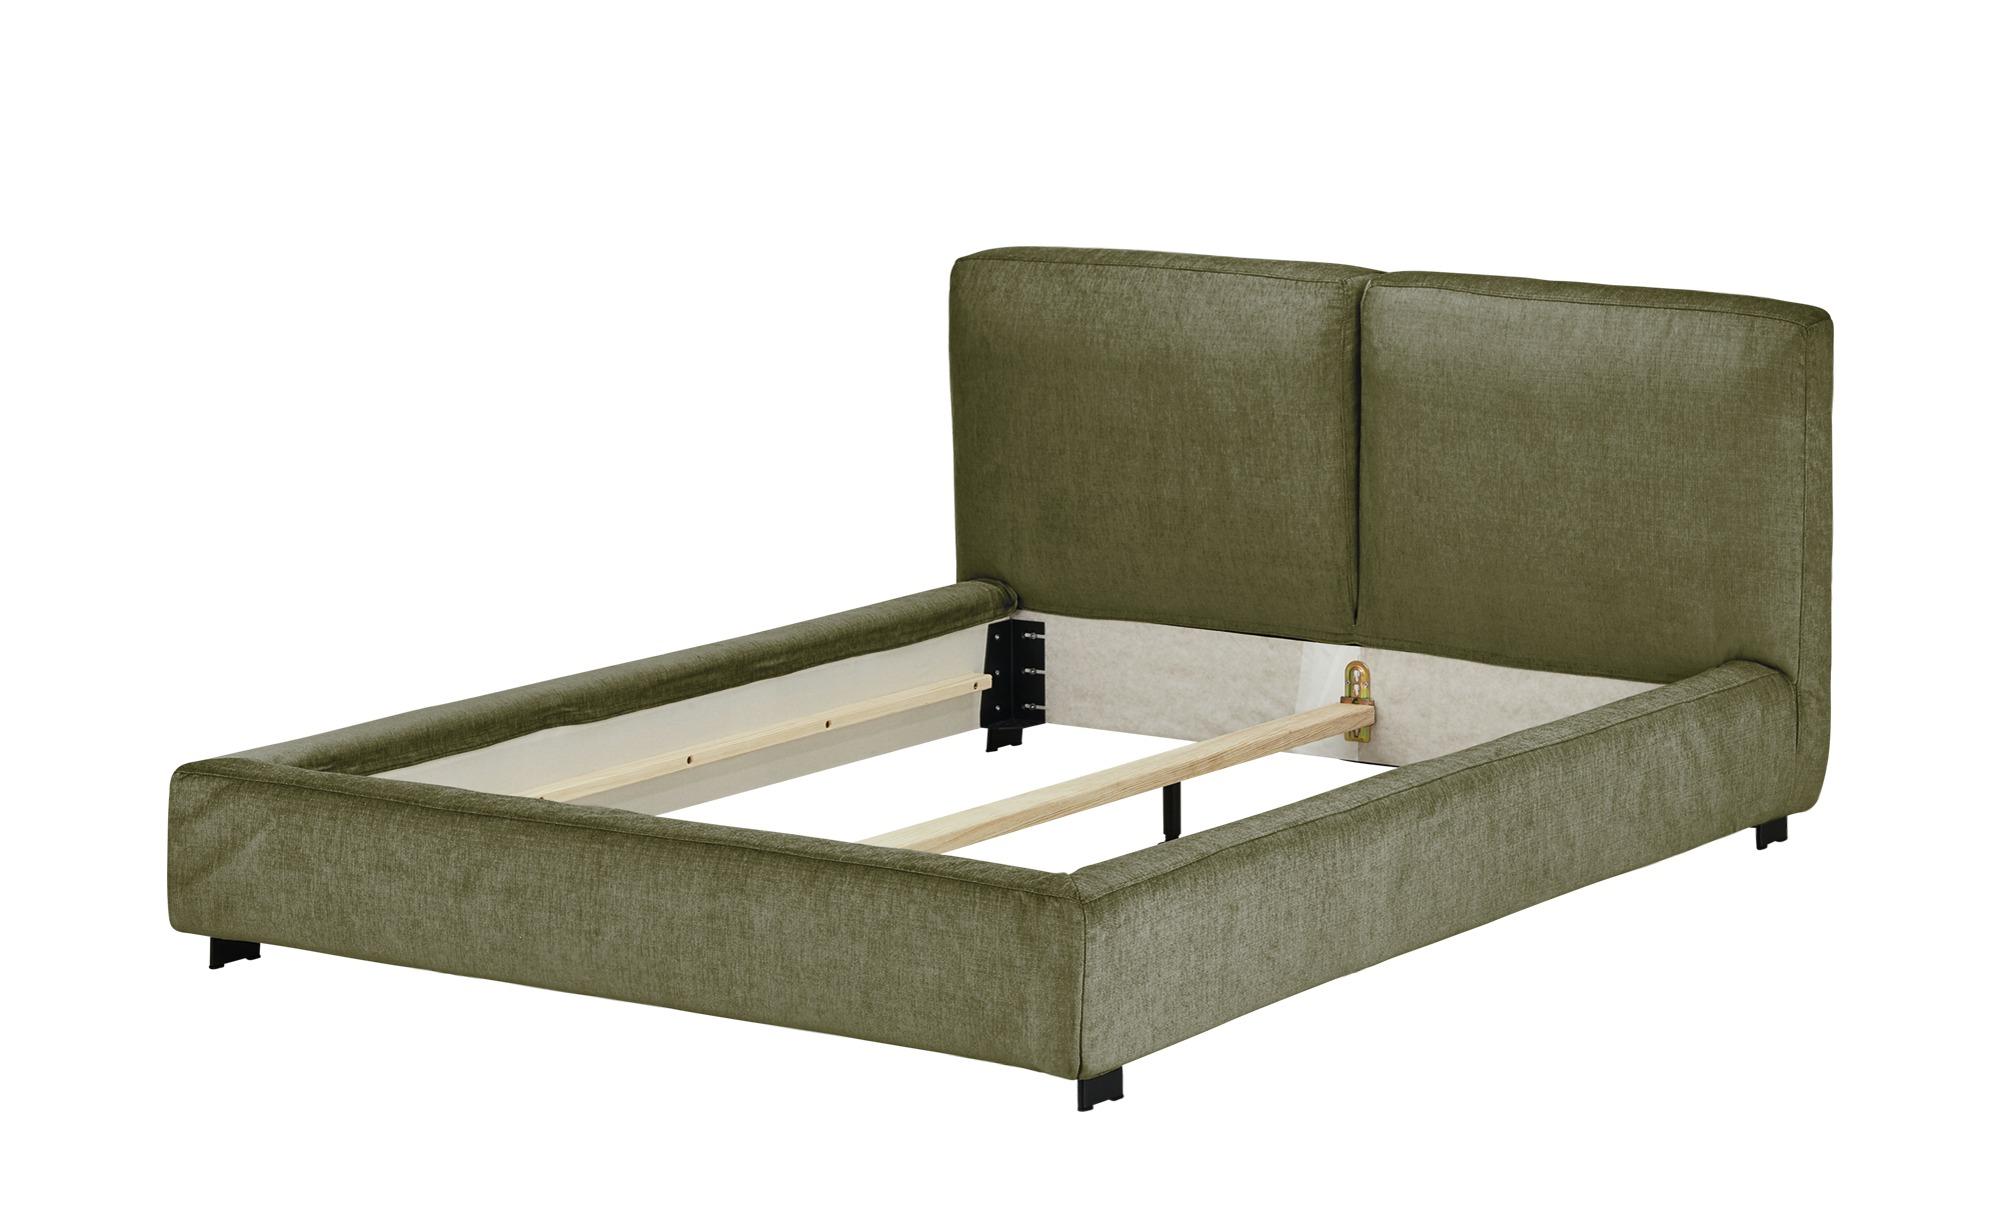 Polsterbettgestell 180x200 - grün Waltham ¦ grün ¦ Maße (cm): B: 208 H: 94 T: 226 Betten > Polsterbetten - Höffner